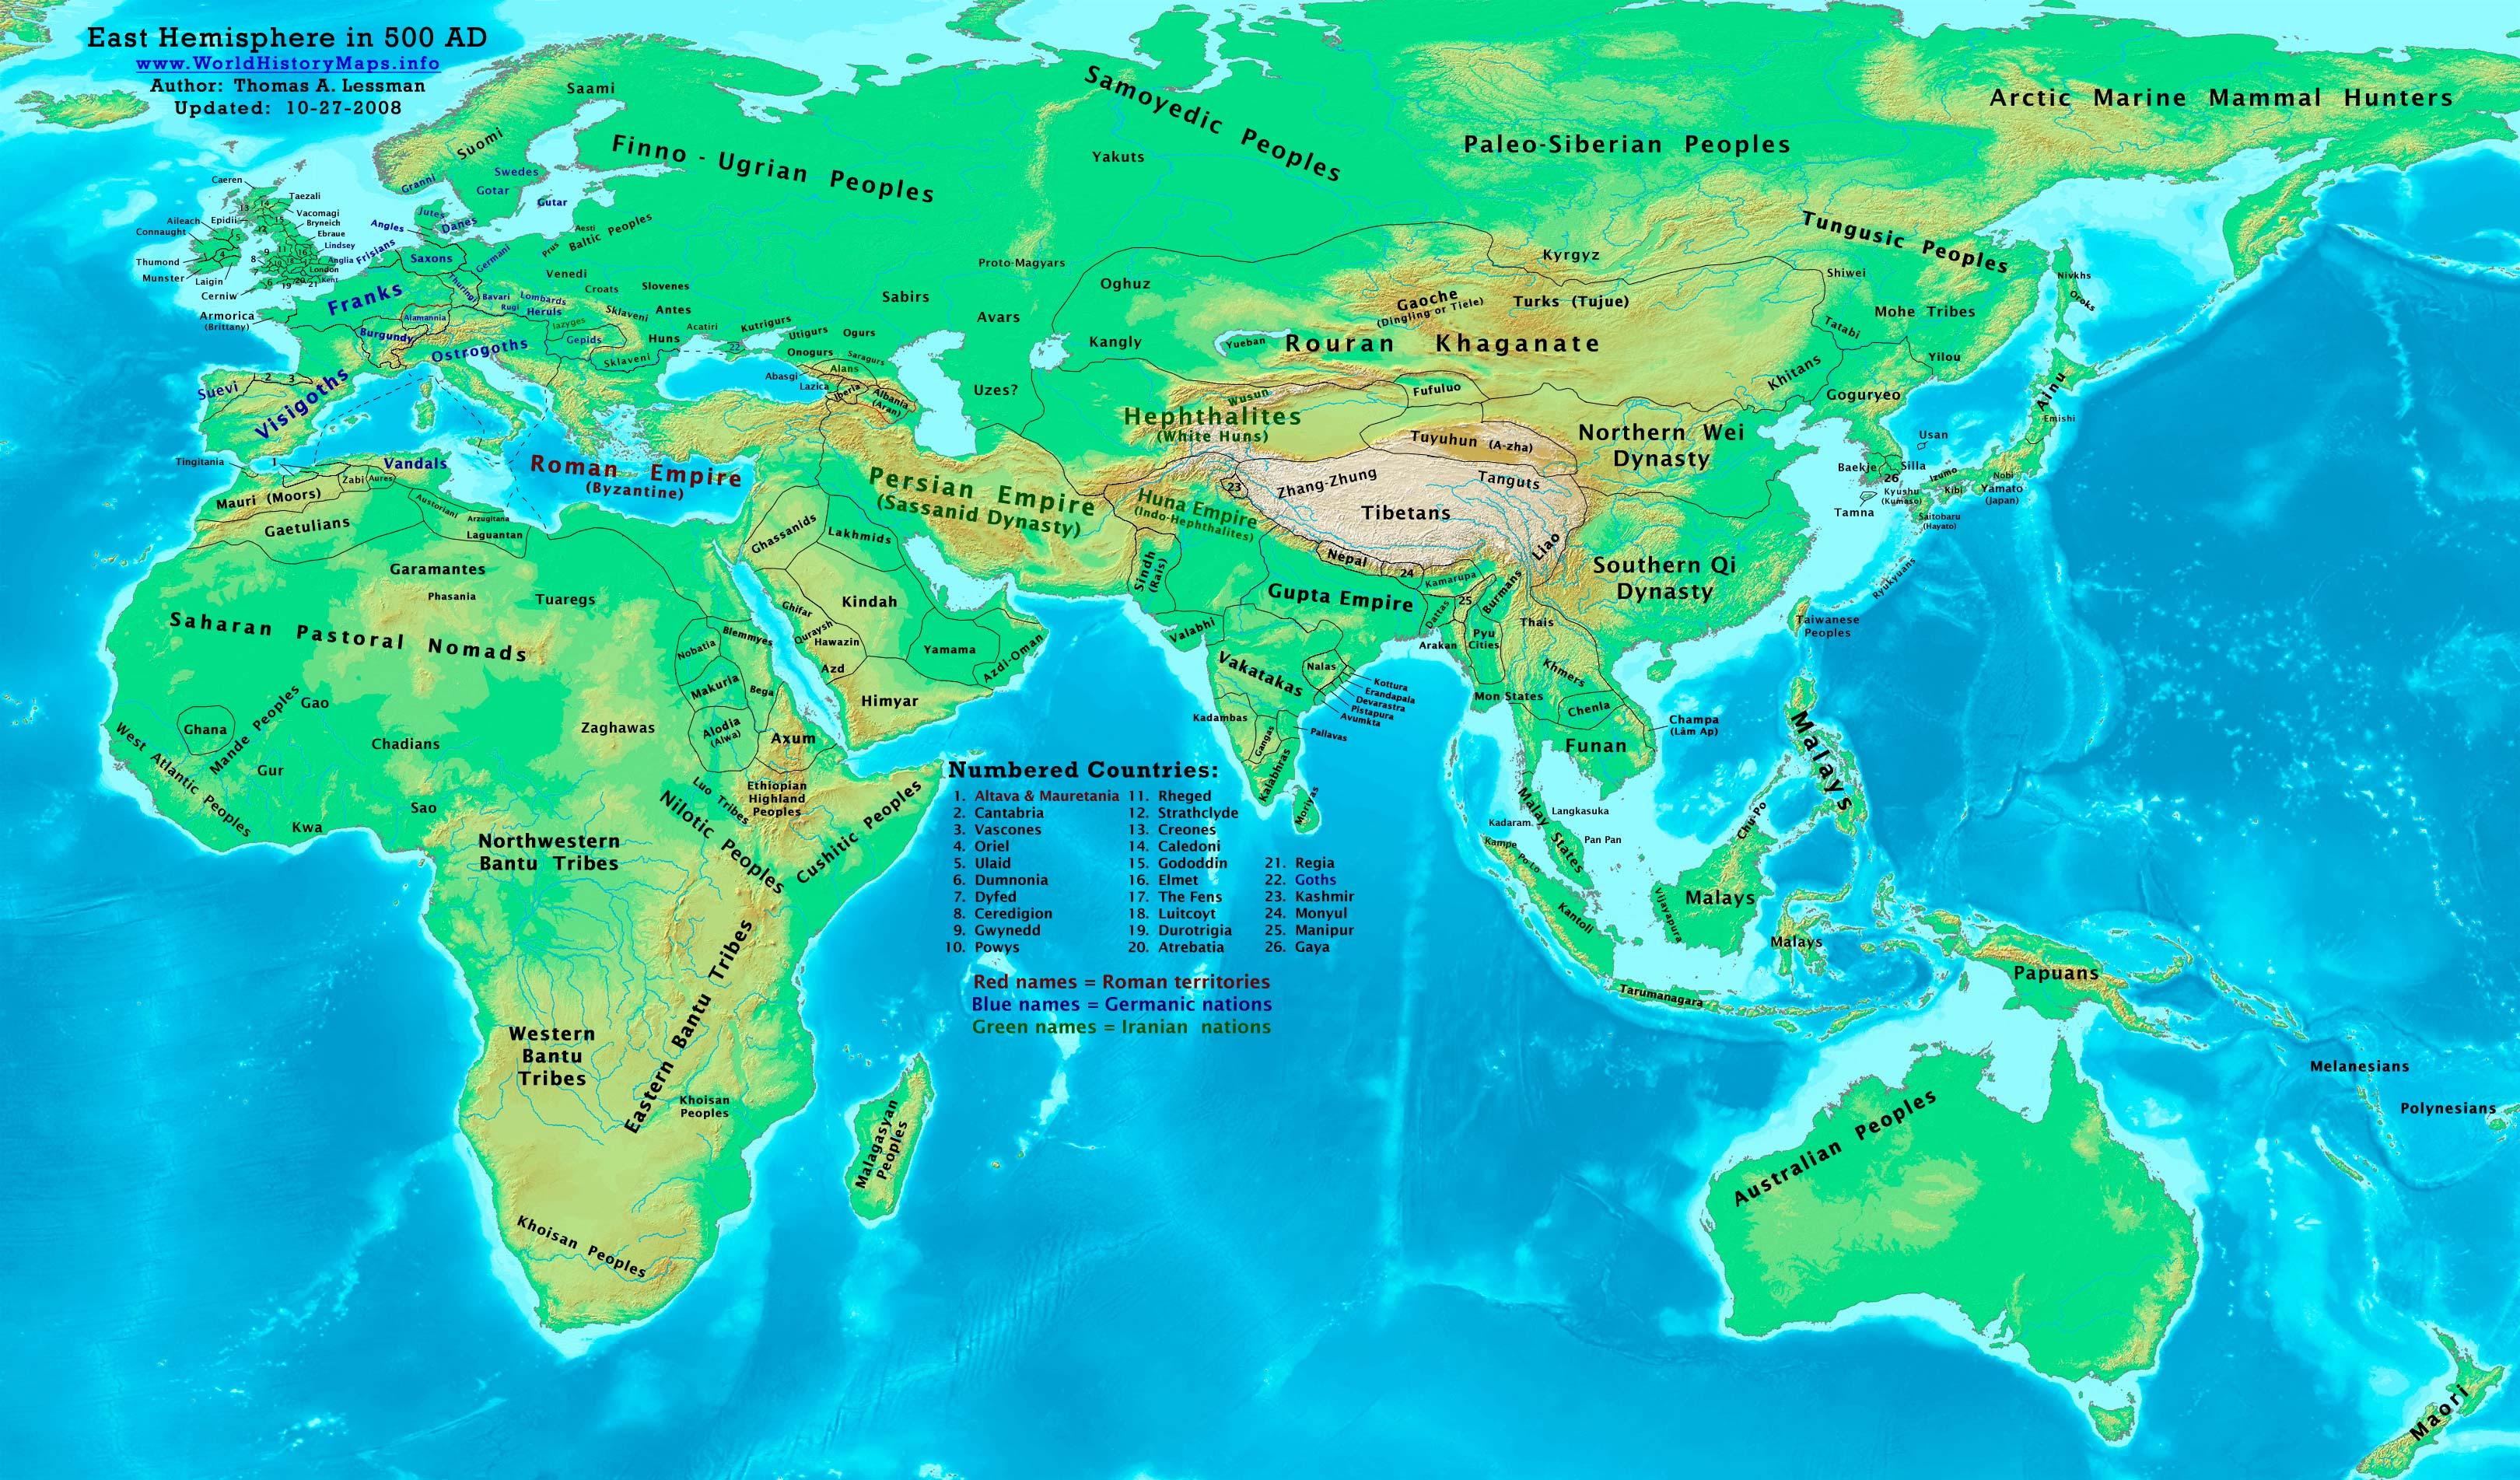 http://worldhistorymaps.info/images/East-Hem_500ad.jpg